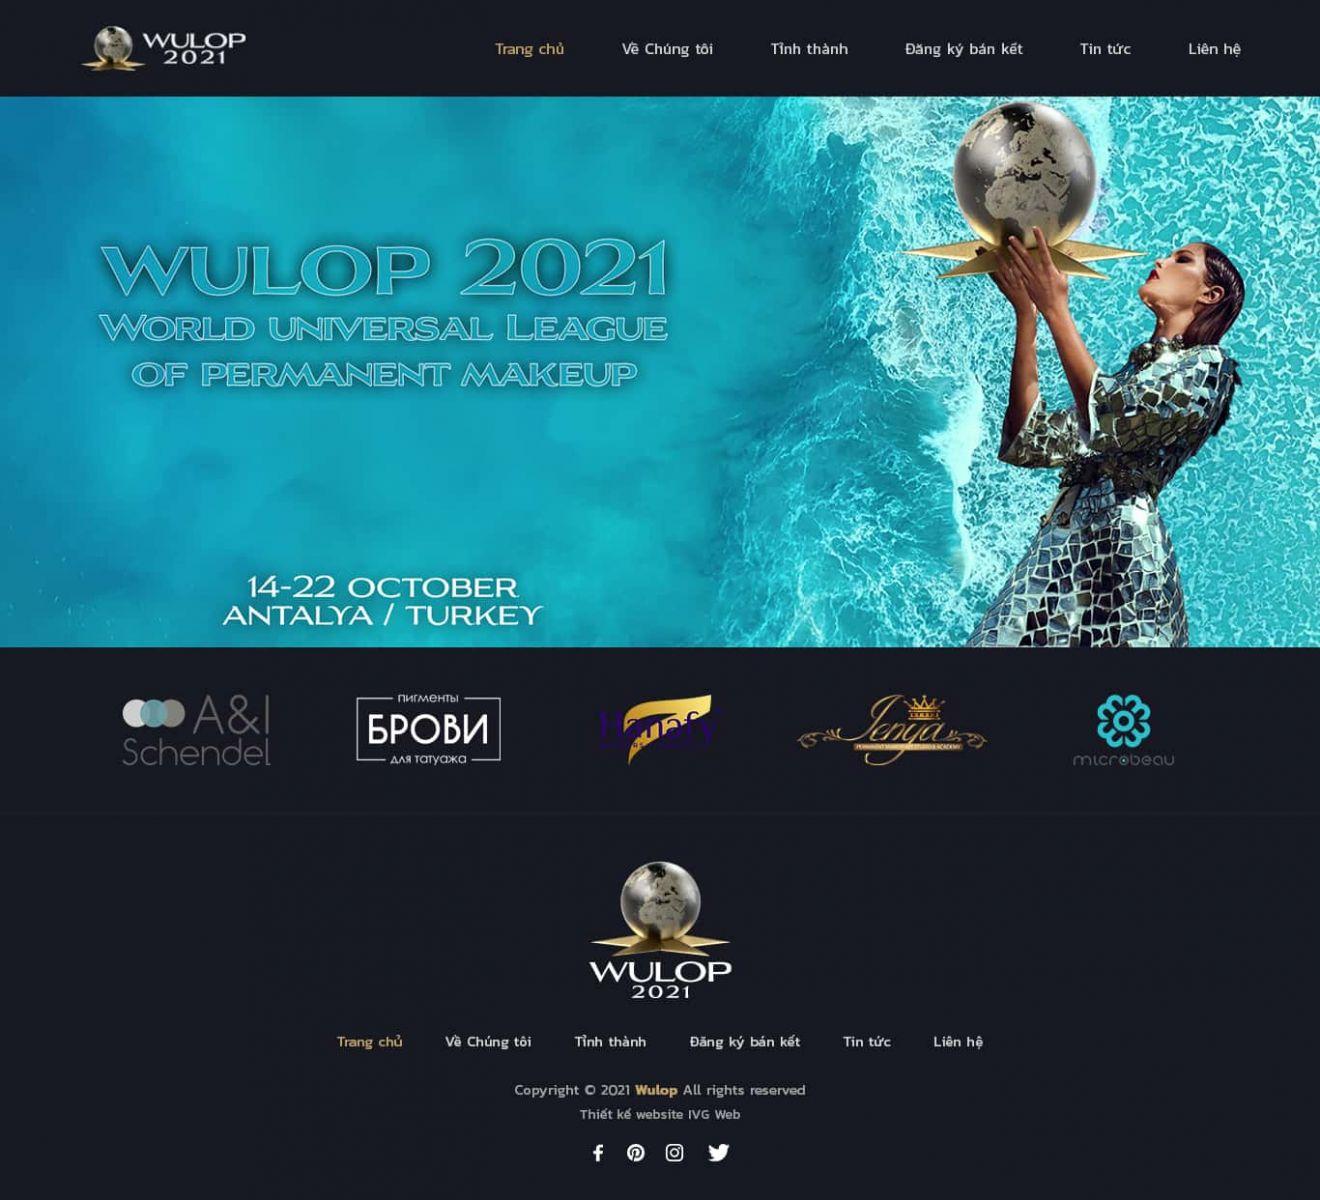 Dự án thiết kế website công ty Wulop